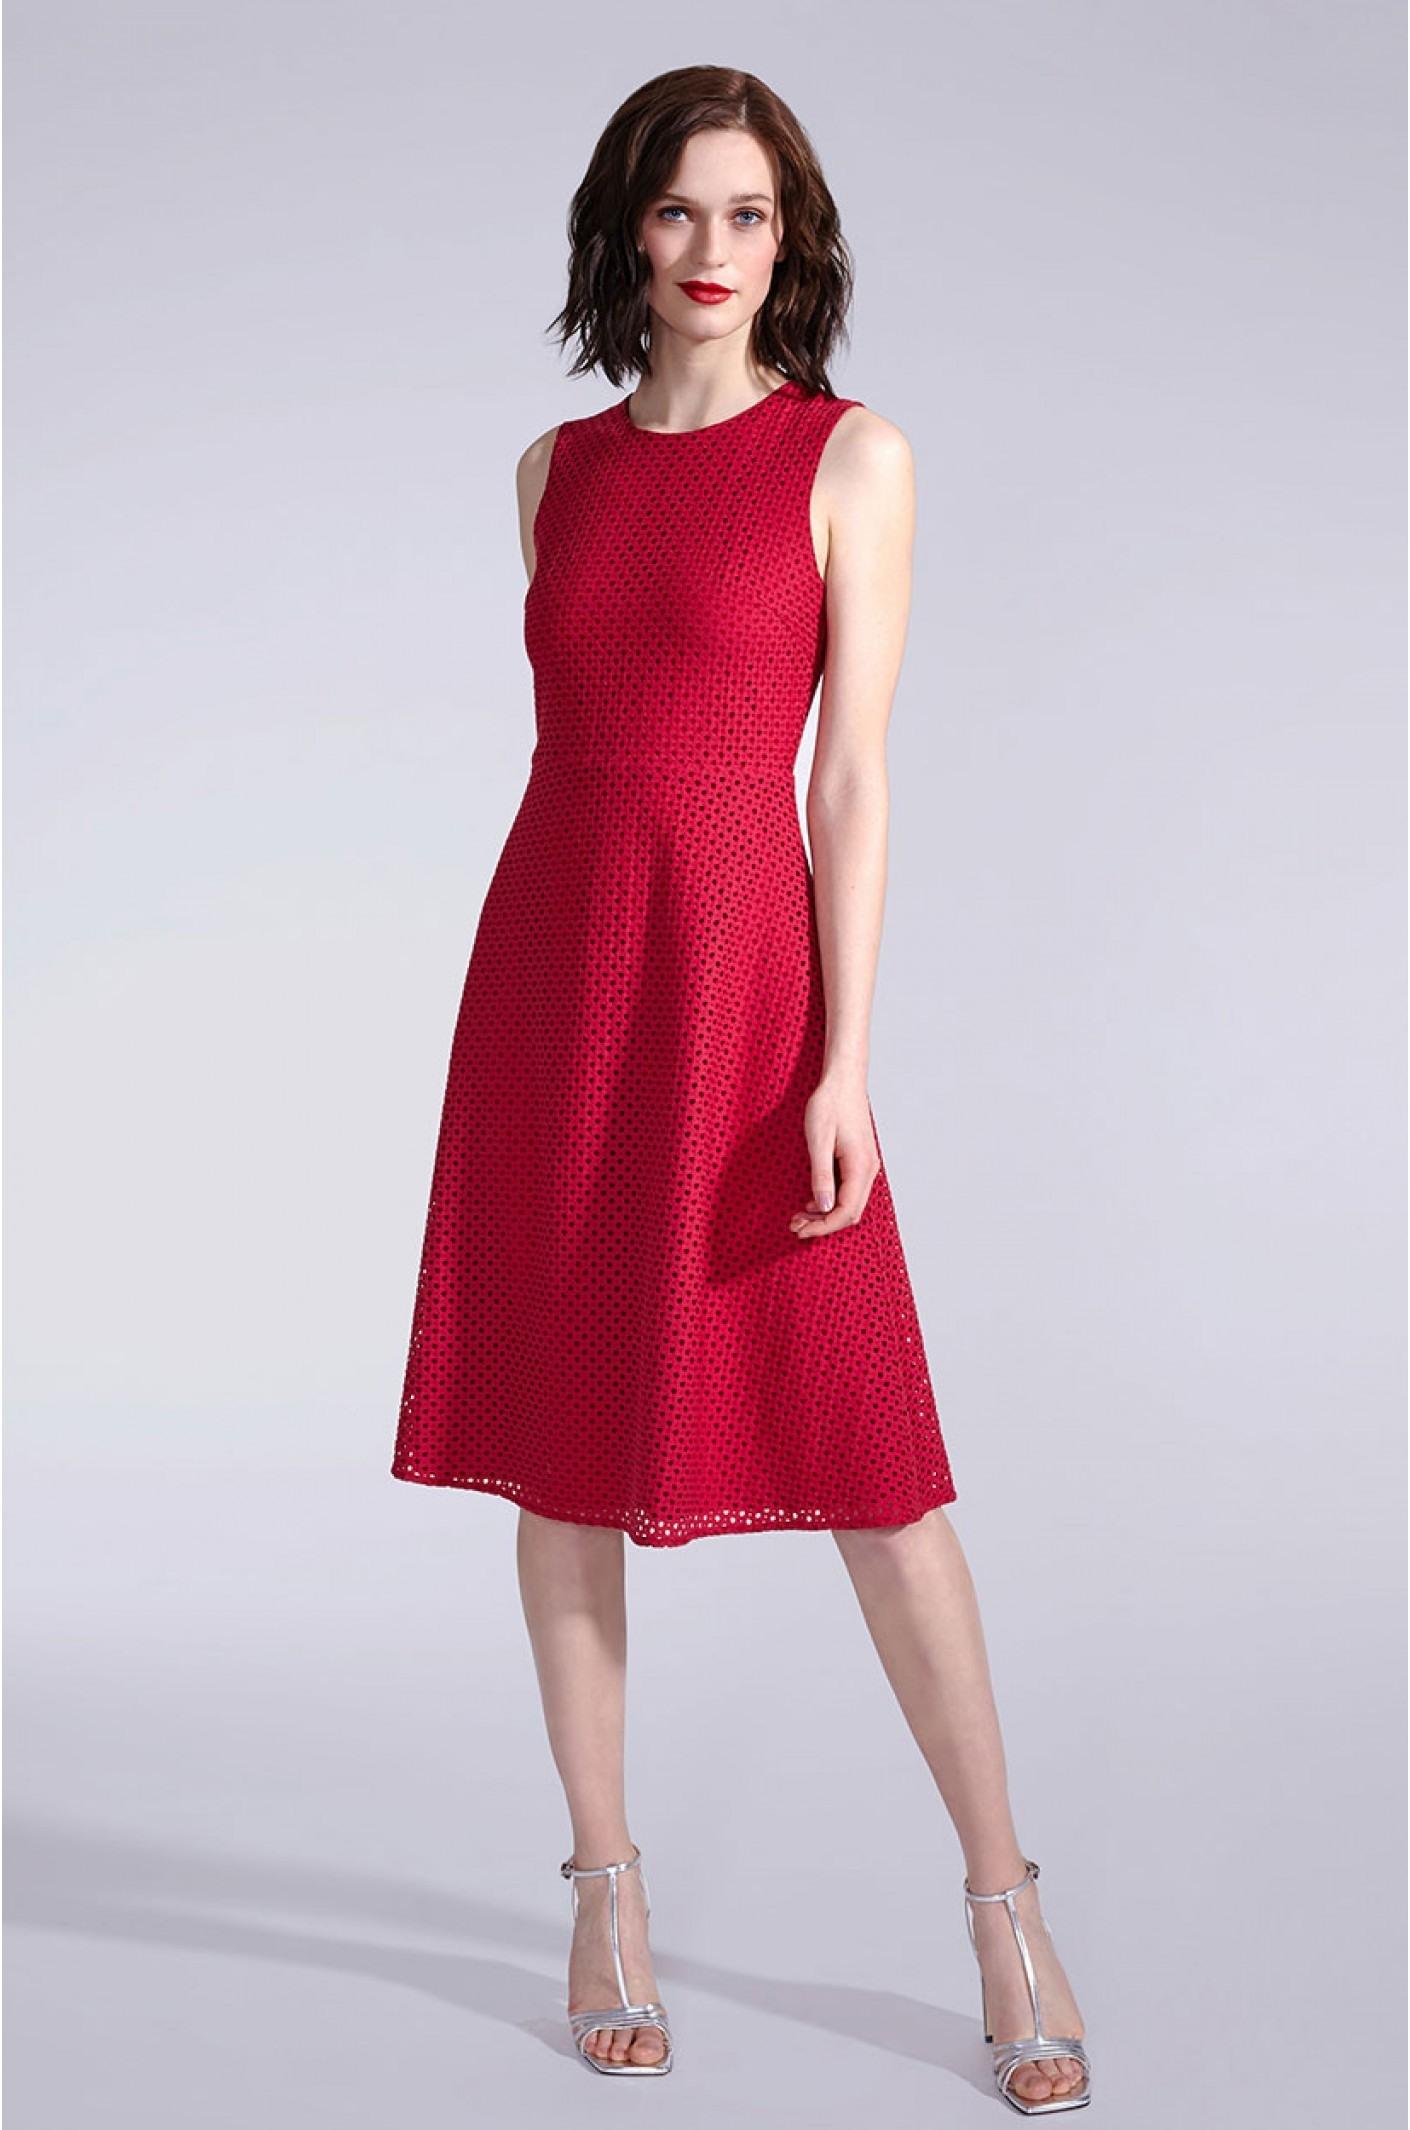 Abend Luxus Kleider Für Anlässe Design13 Wunderbar Kleider Für Anlässe Vertrieb